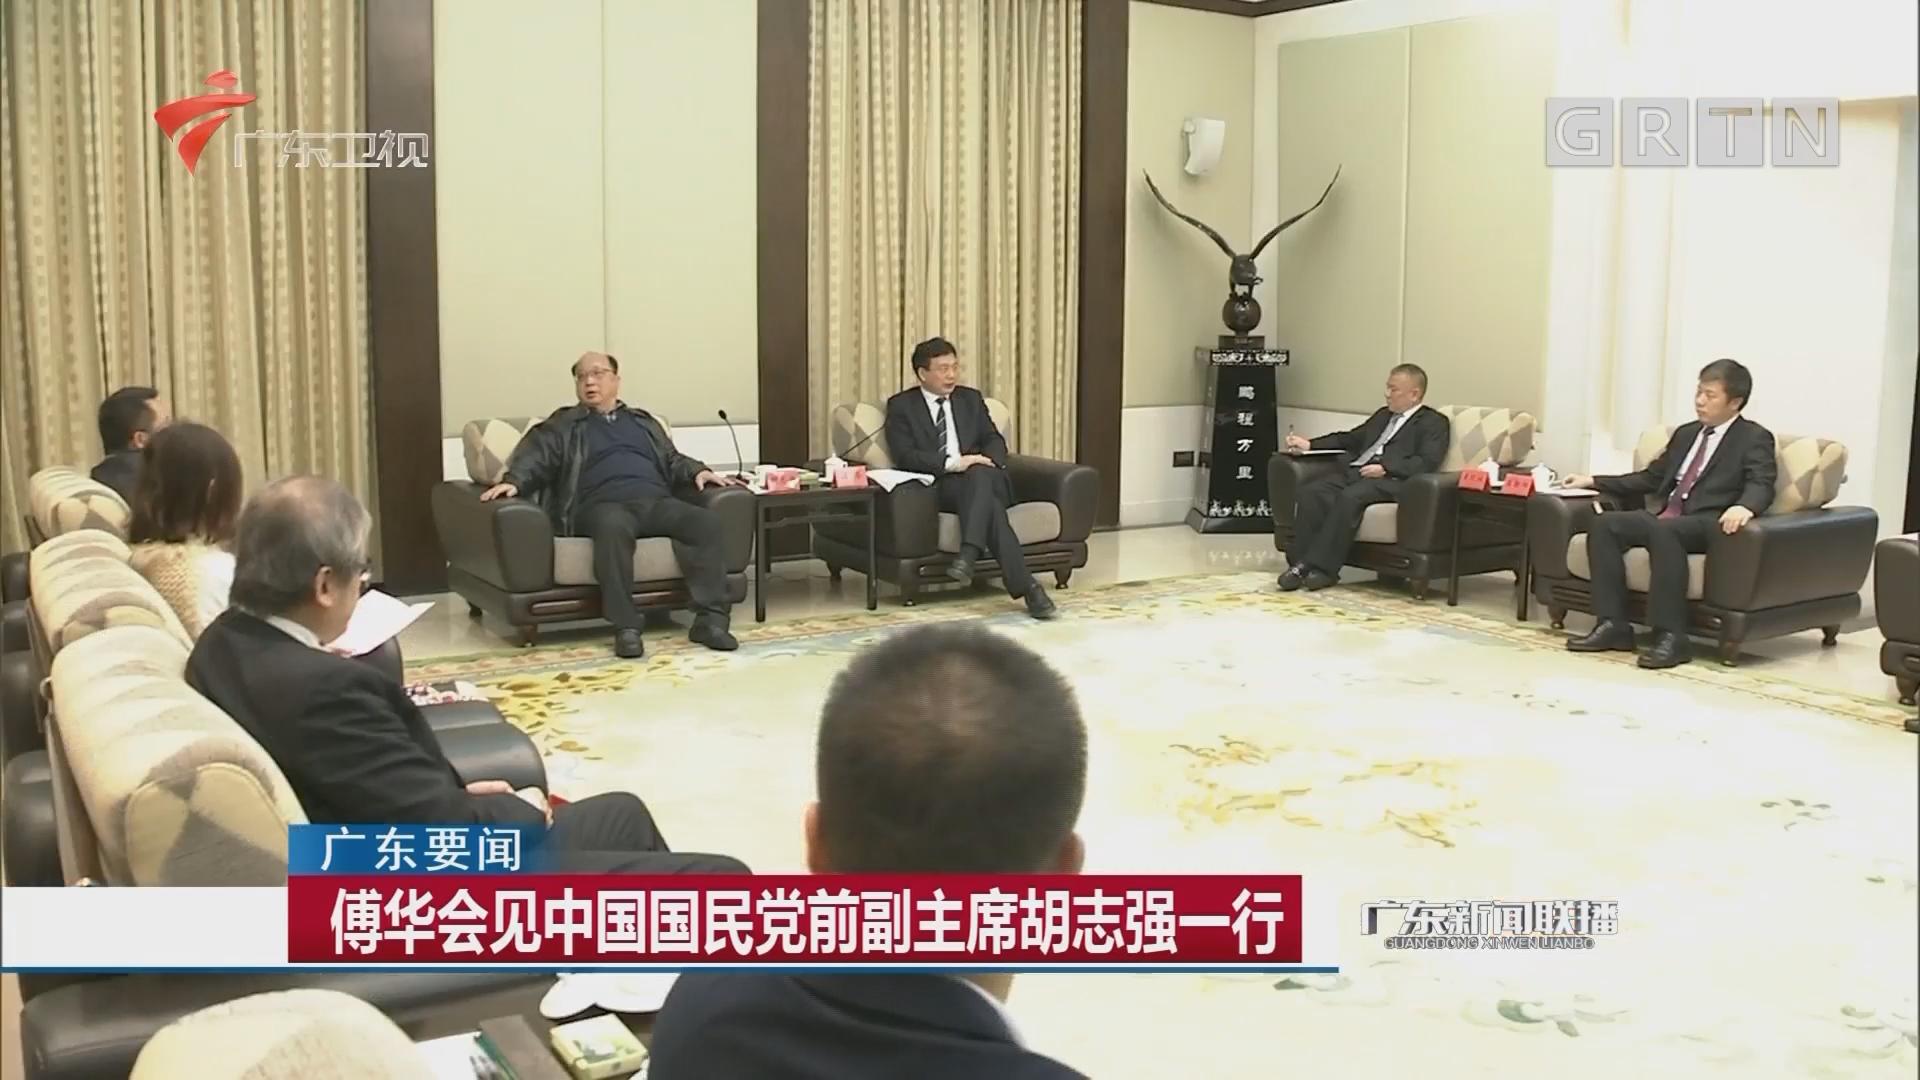 傅华会见中国国民党前副主席胡志强一行